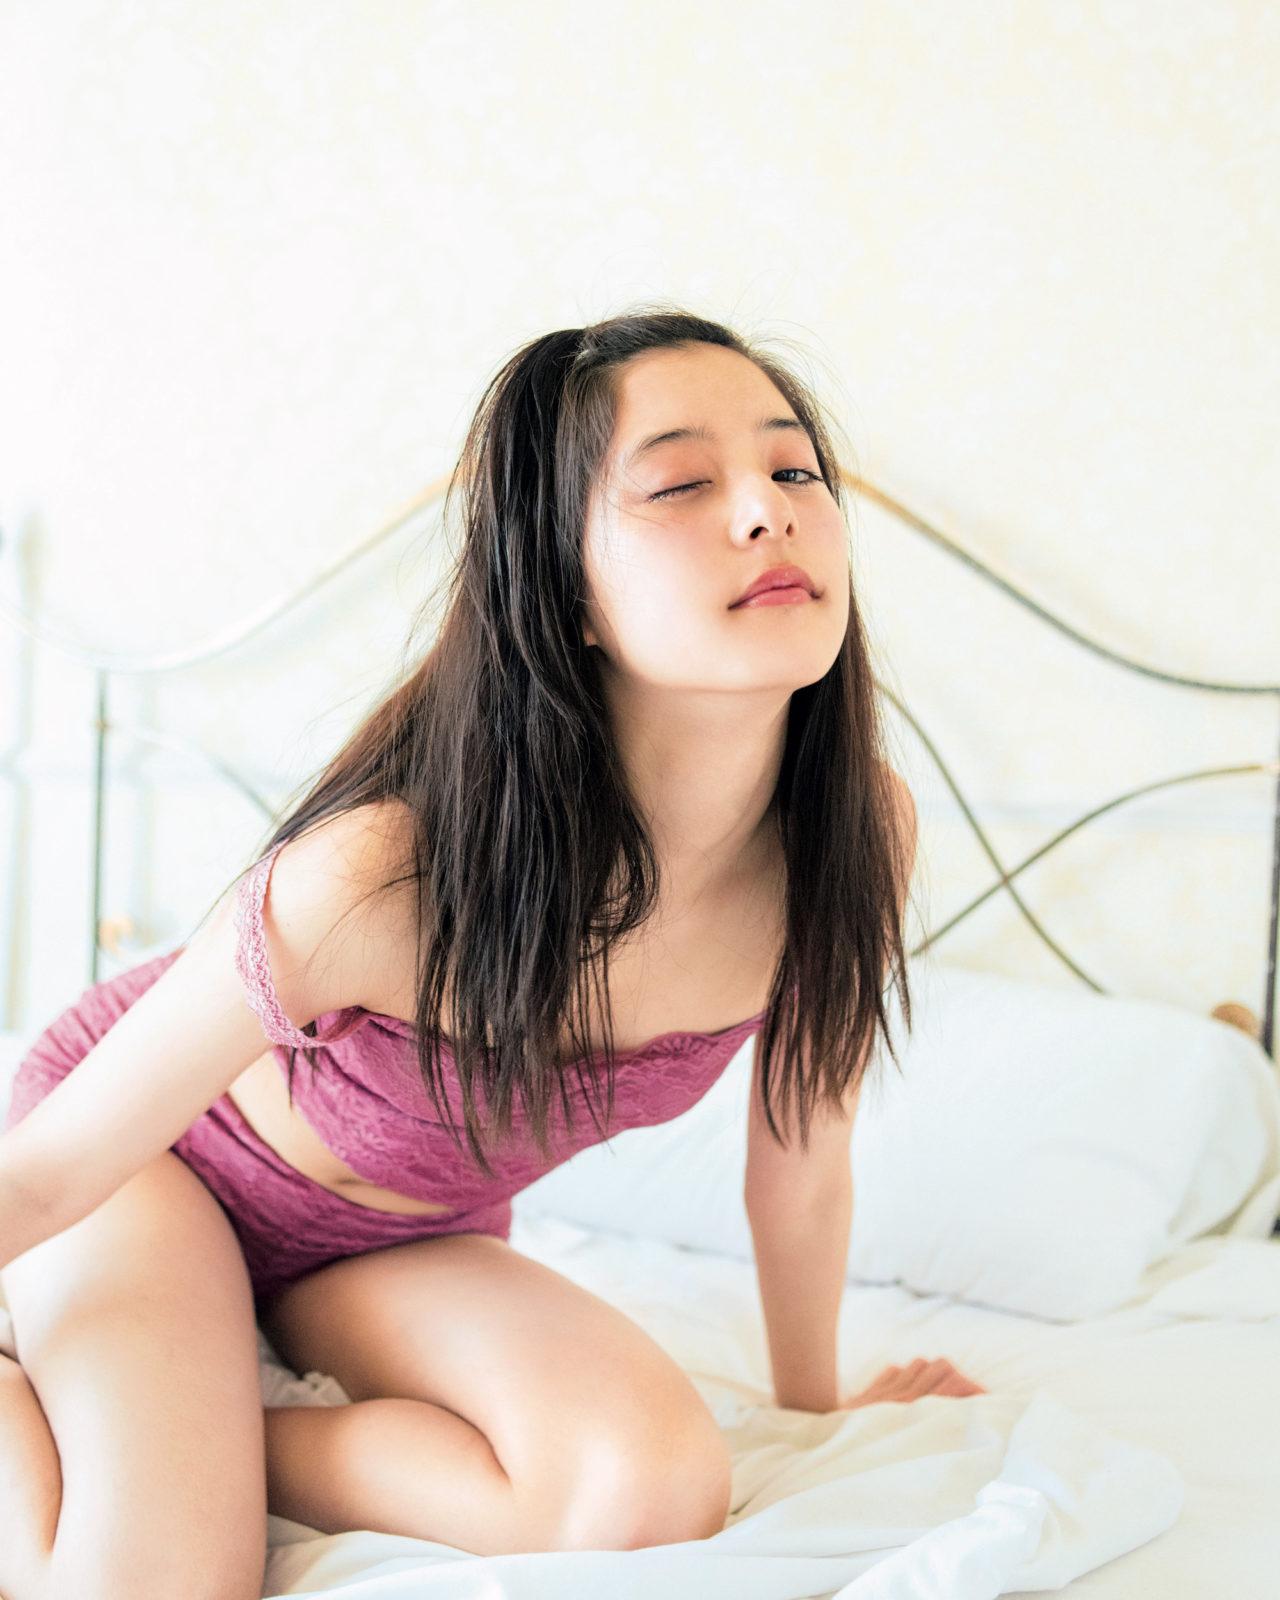 新木優子、ドラマ『コード・ブルー』の現場は「とても和やか」ドラマ、写真集、プライベートを語る【インタビュー】画像41213